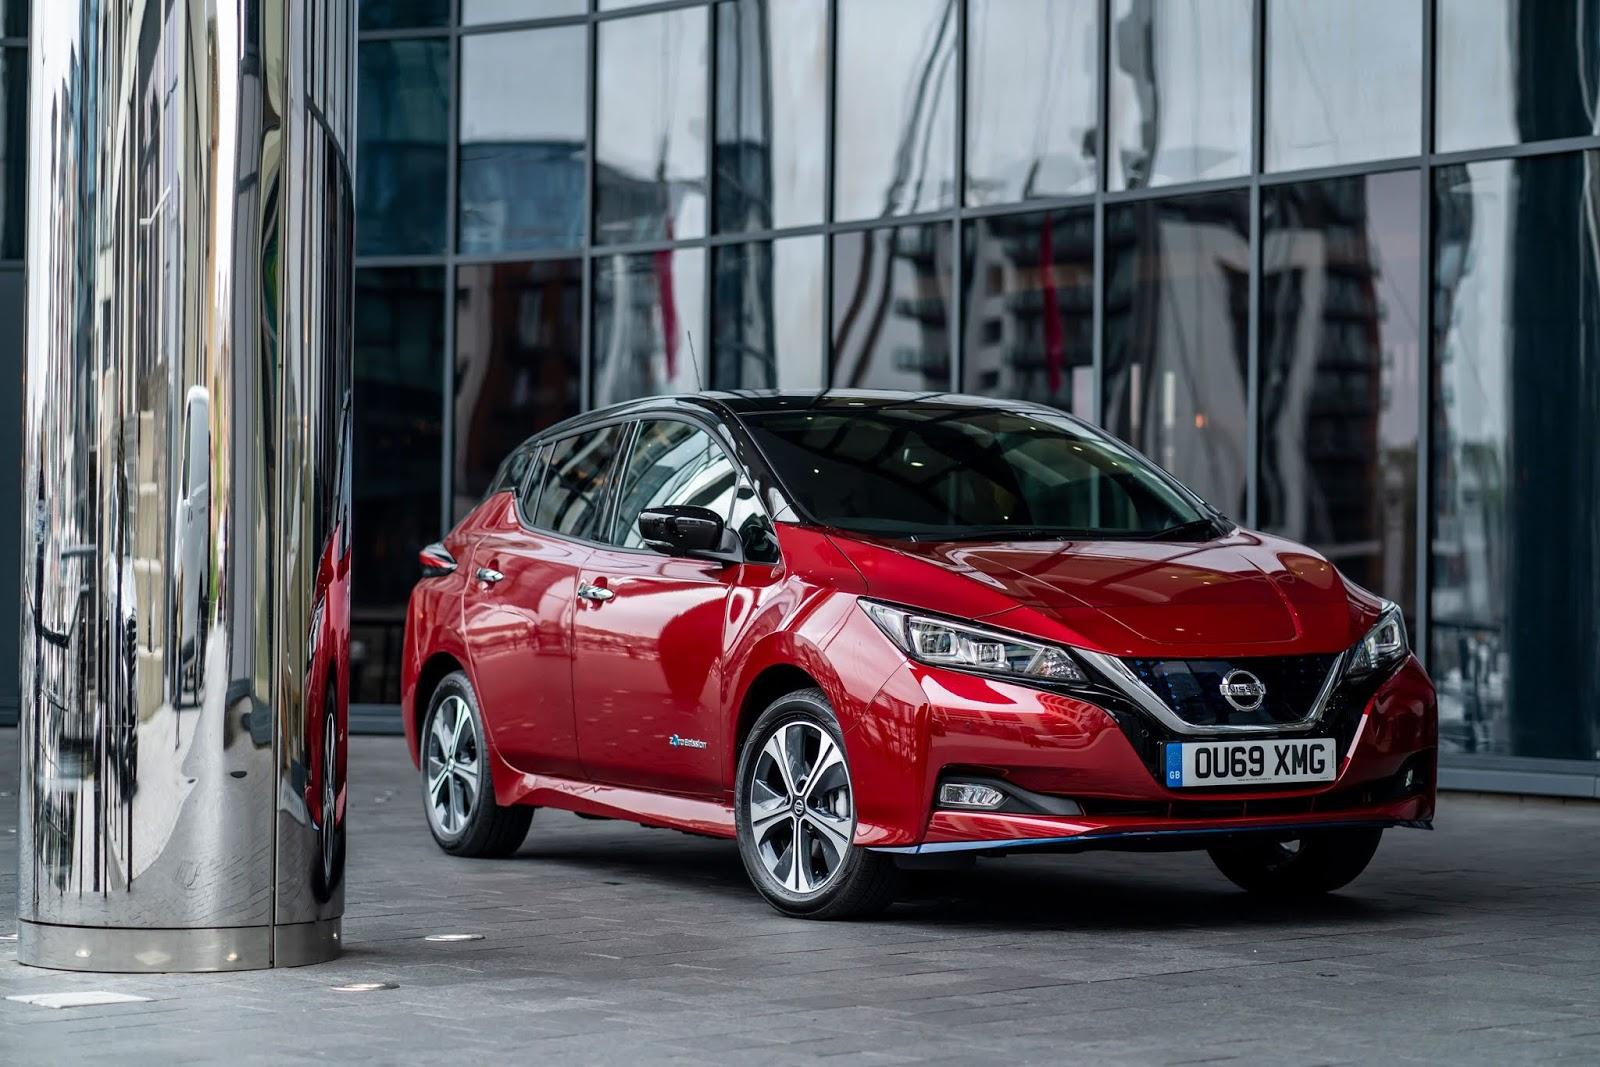 """New Nissan LEAF Το Nissan LEAF ξεπέρασε τις 40.000 πωλήσεις στο Ην. Βασίλειο & έγινε το """"Μεταχειρισμένο Ηλεκτρικό Αυτοκίνητο της Χρονιάς"""""""